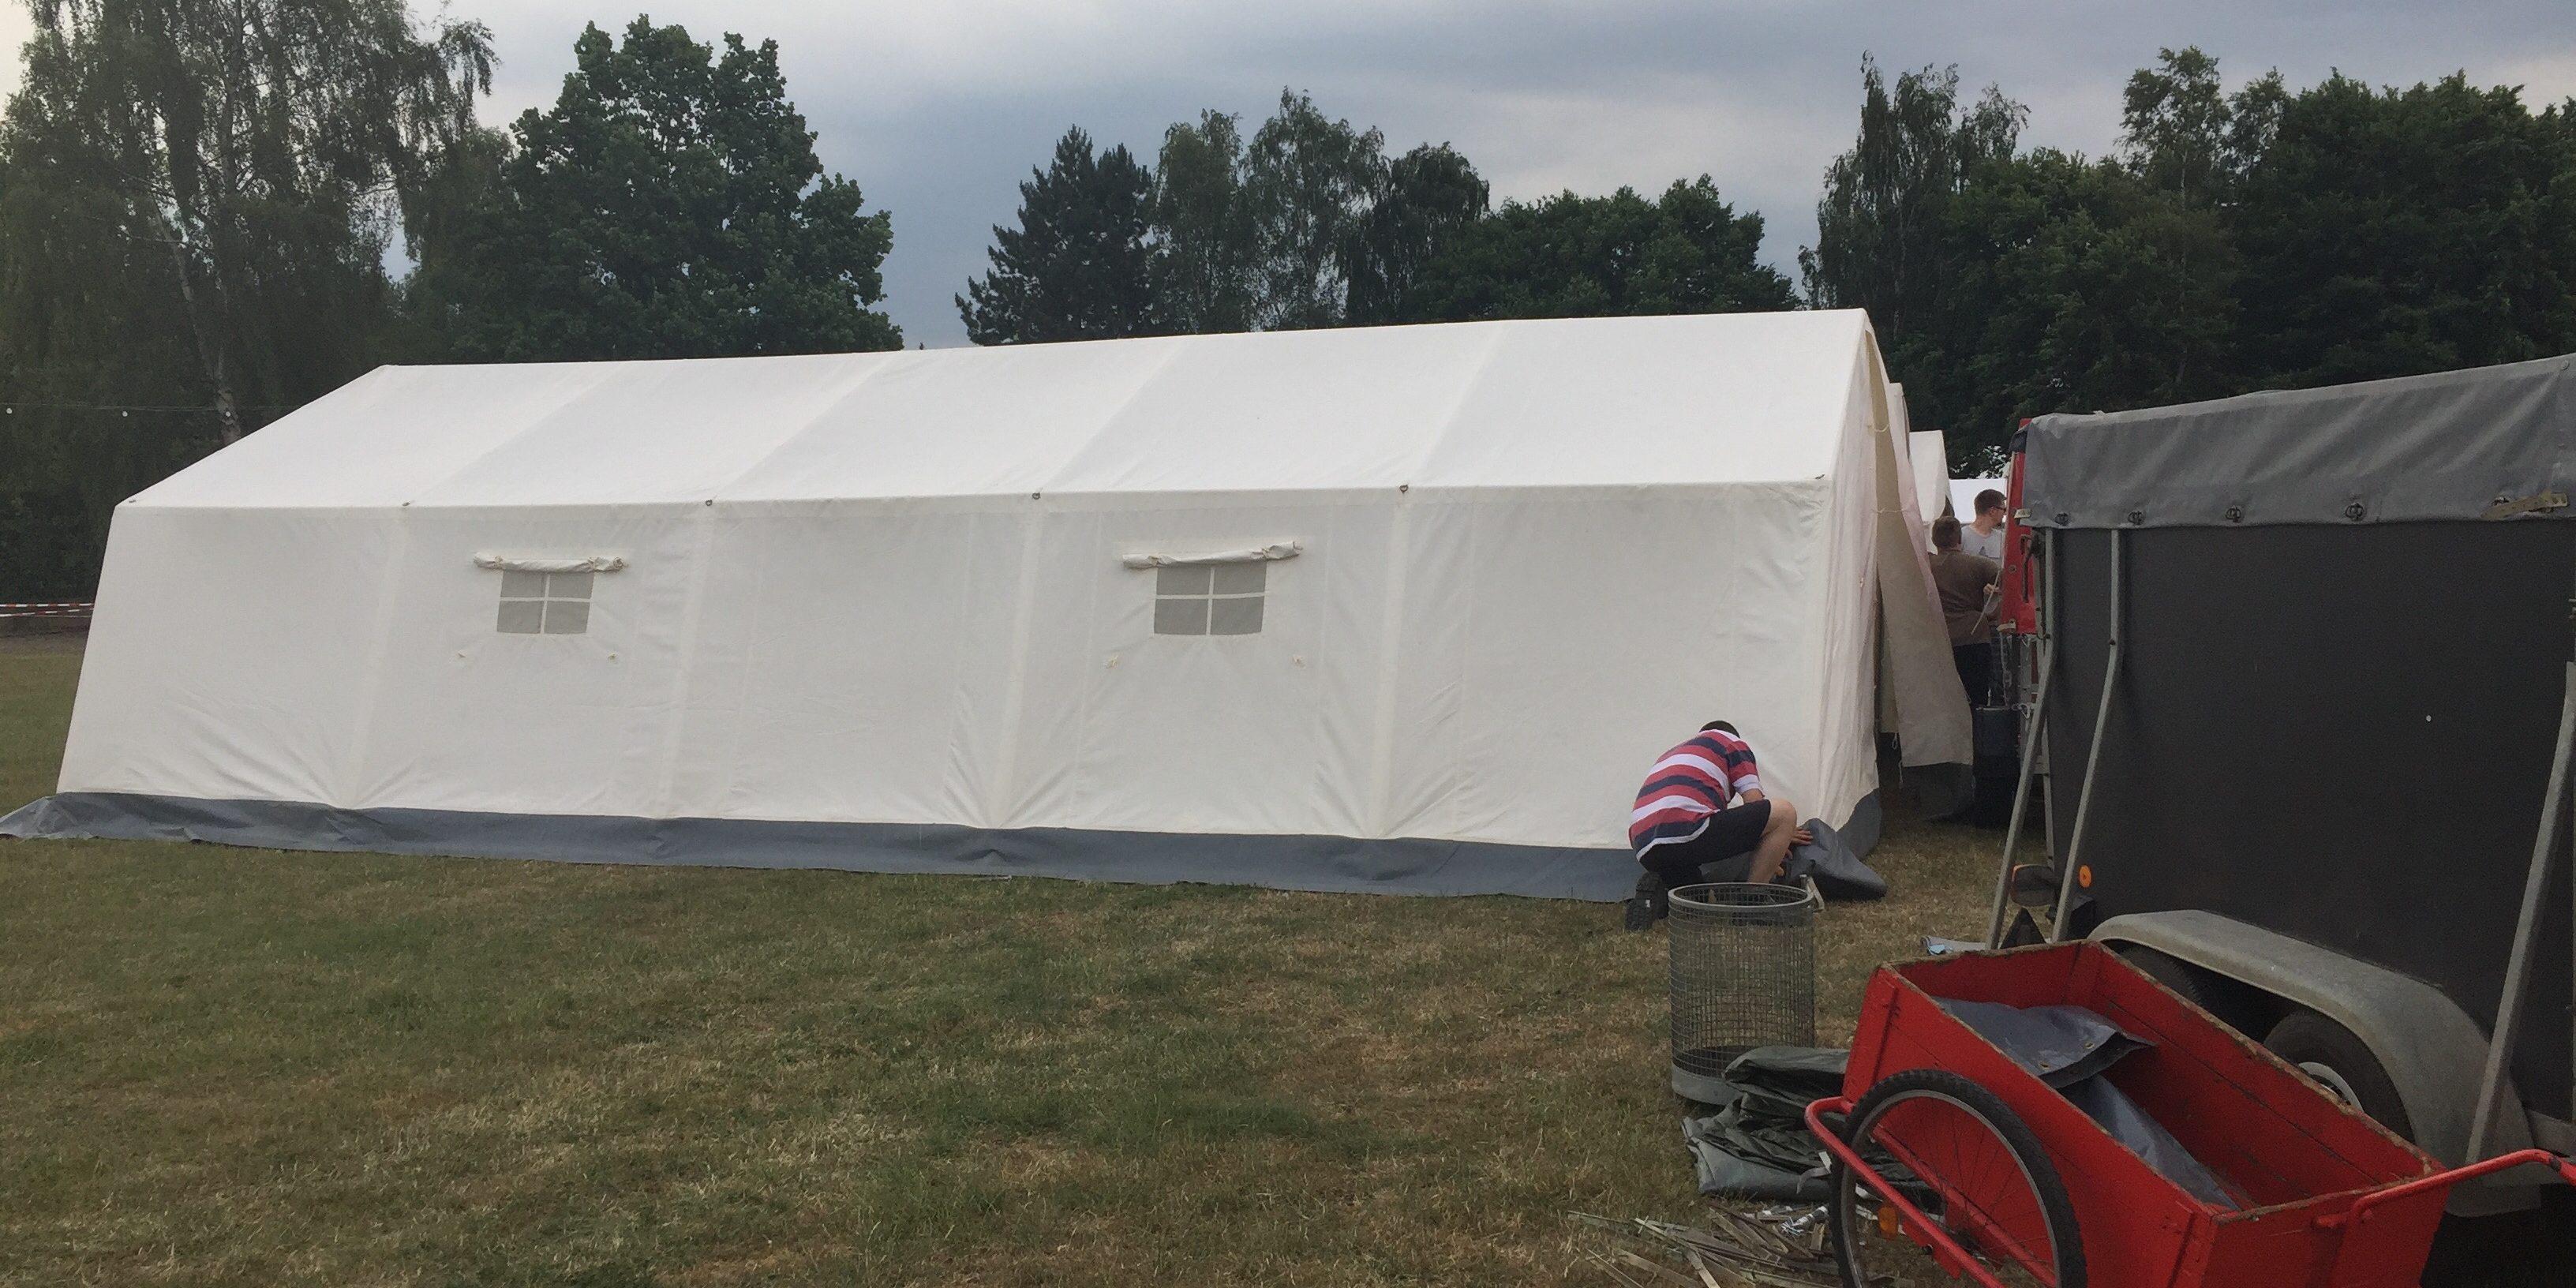 Die Jugendfeuerwehr schläft eine Woche lang im Zelt